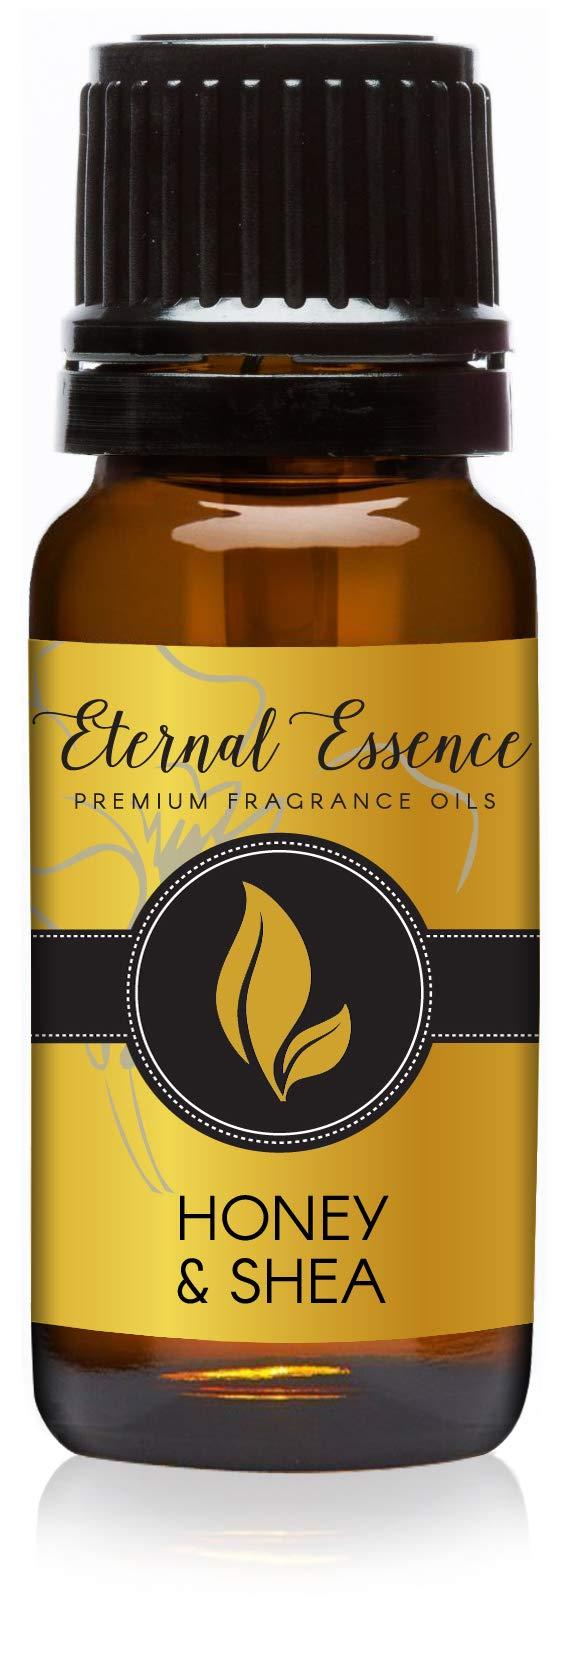 Honey & Shea - Premium Grade Fragrance Oils - 10ml - Scented Oil